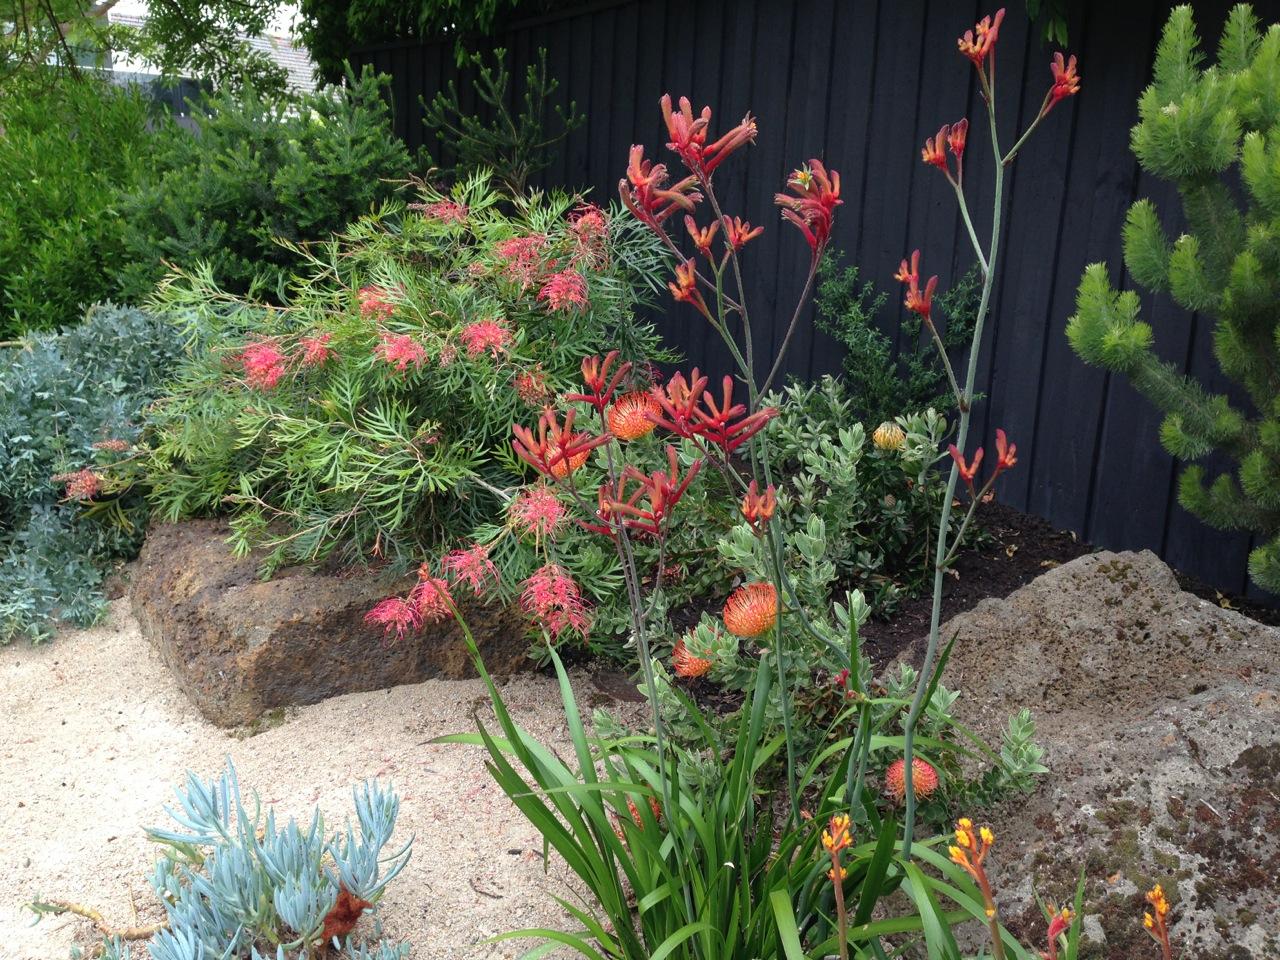 looking the best garden designer in australia janna schreier  40  native garden for your inspiration